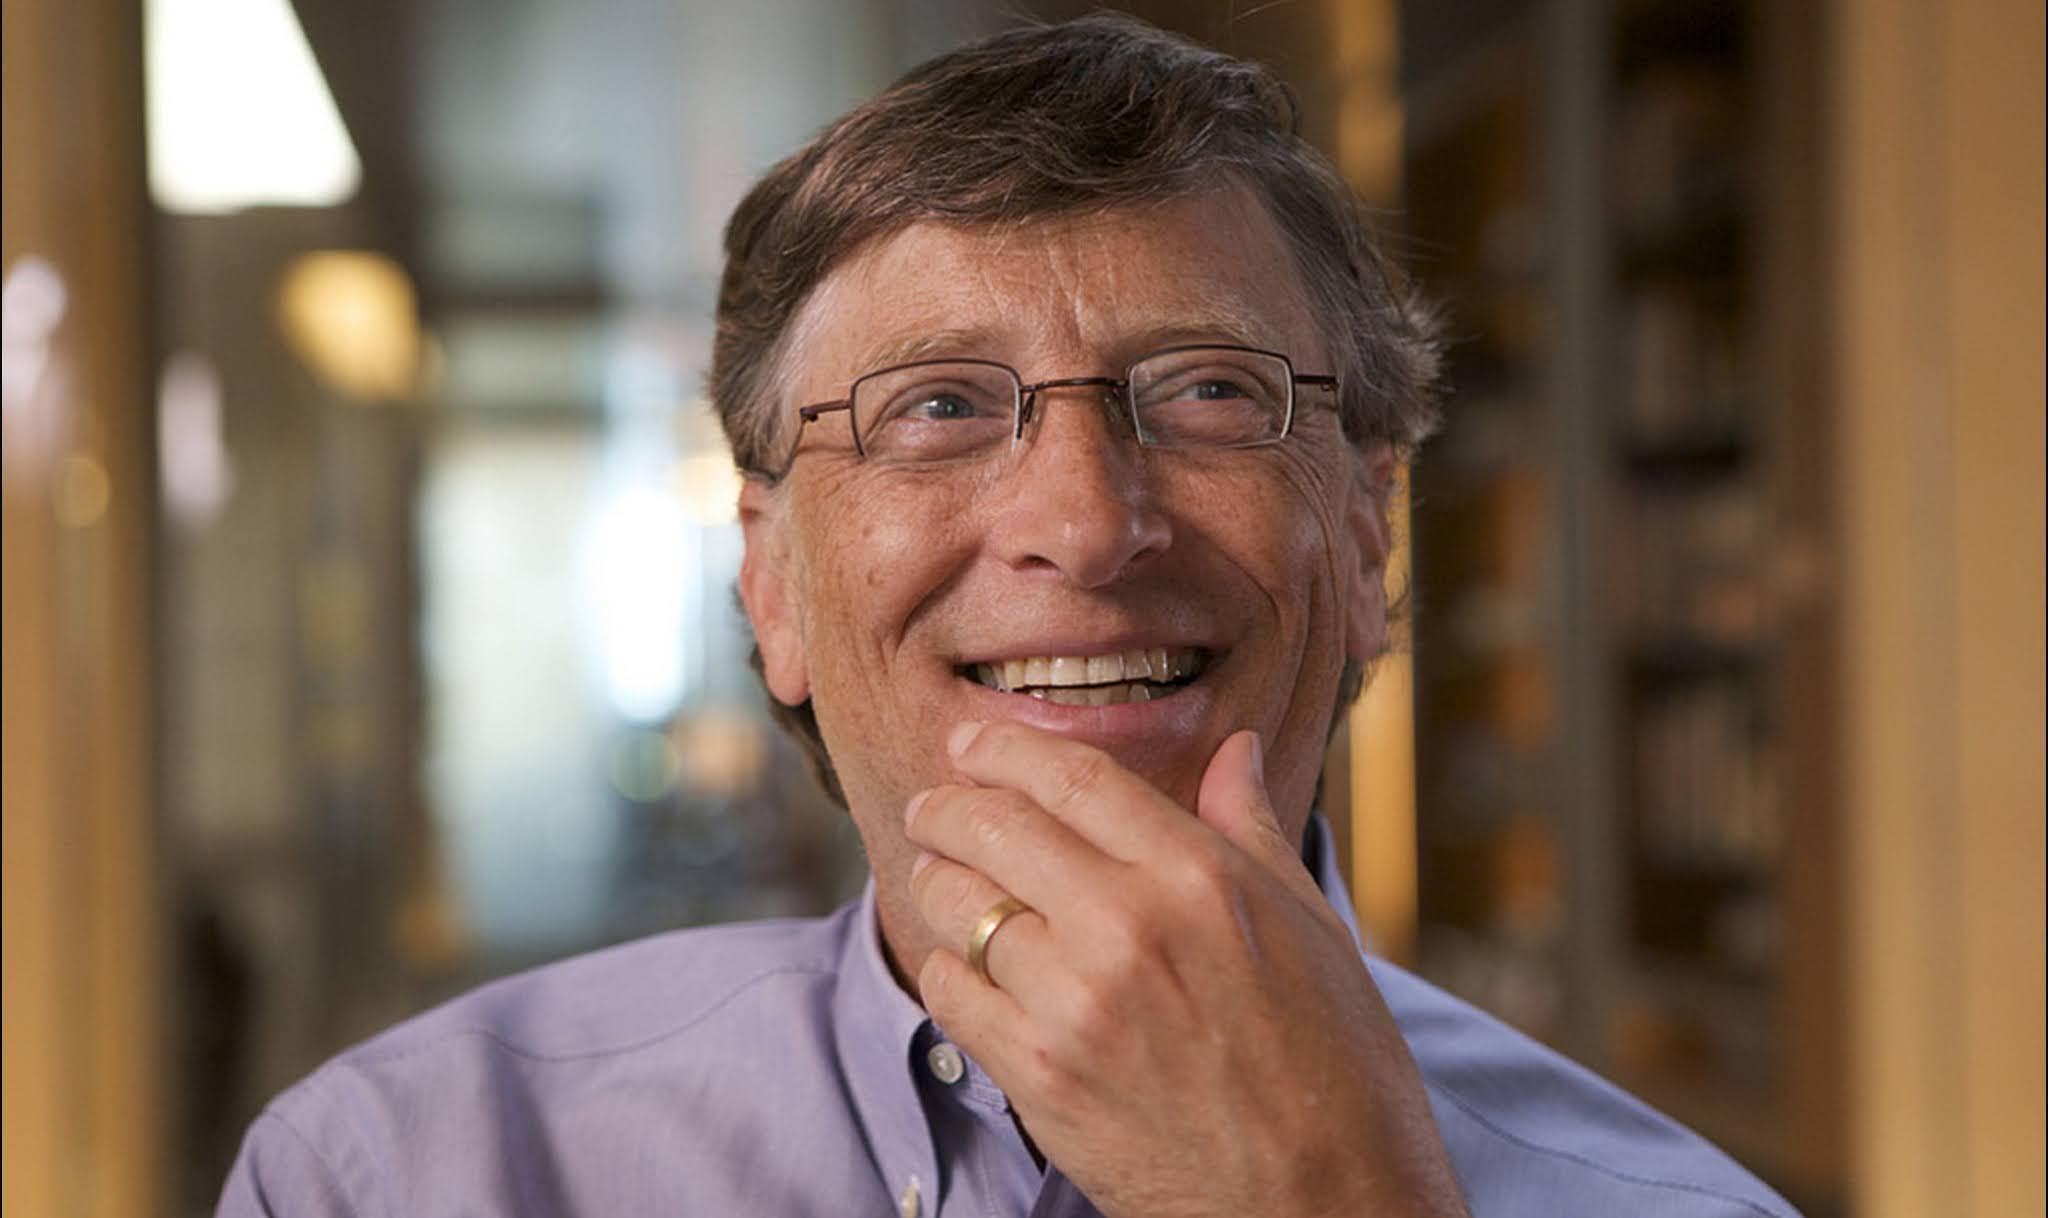 Bill Gates'e Komşu Olacaksınız! Bill Gates Türkiye'den Arazi Aldı Fırsatçılığı!